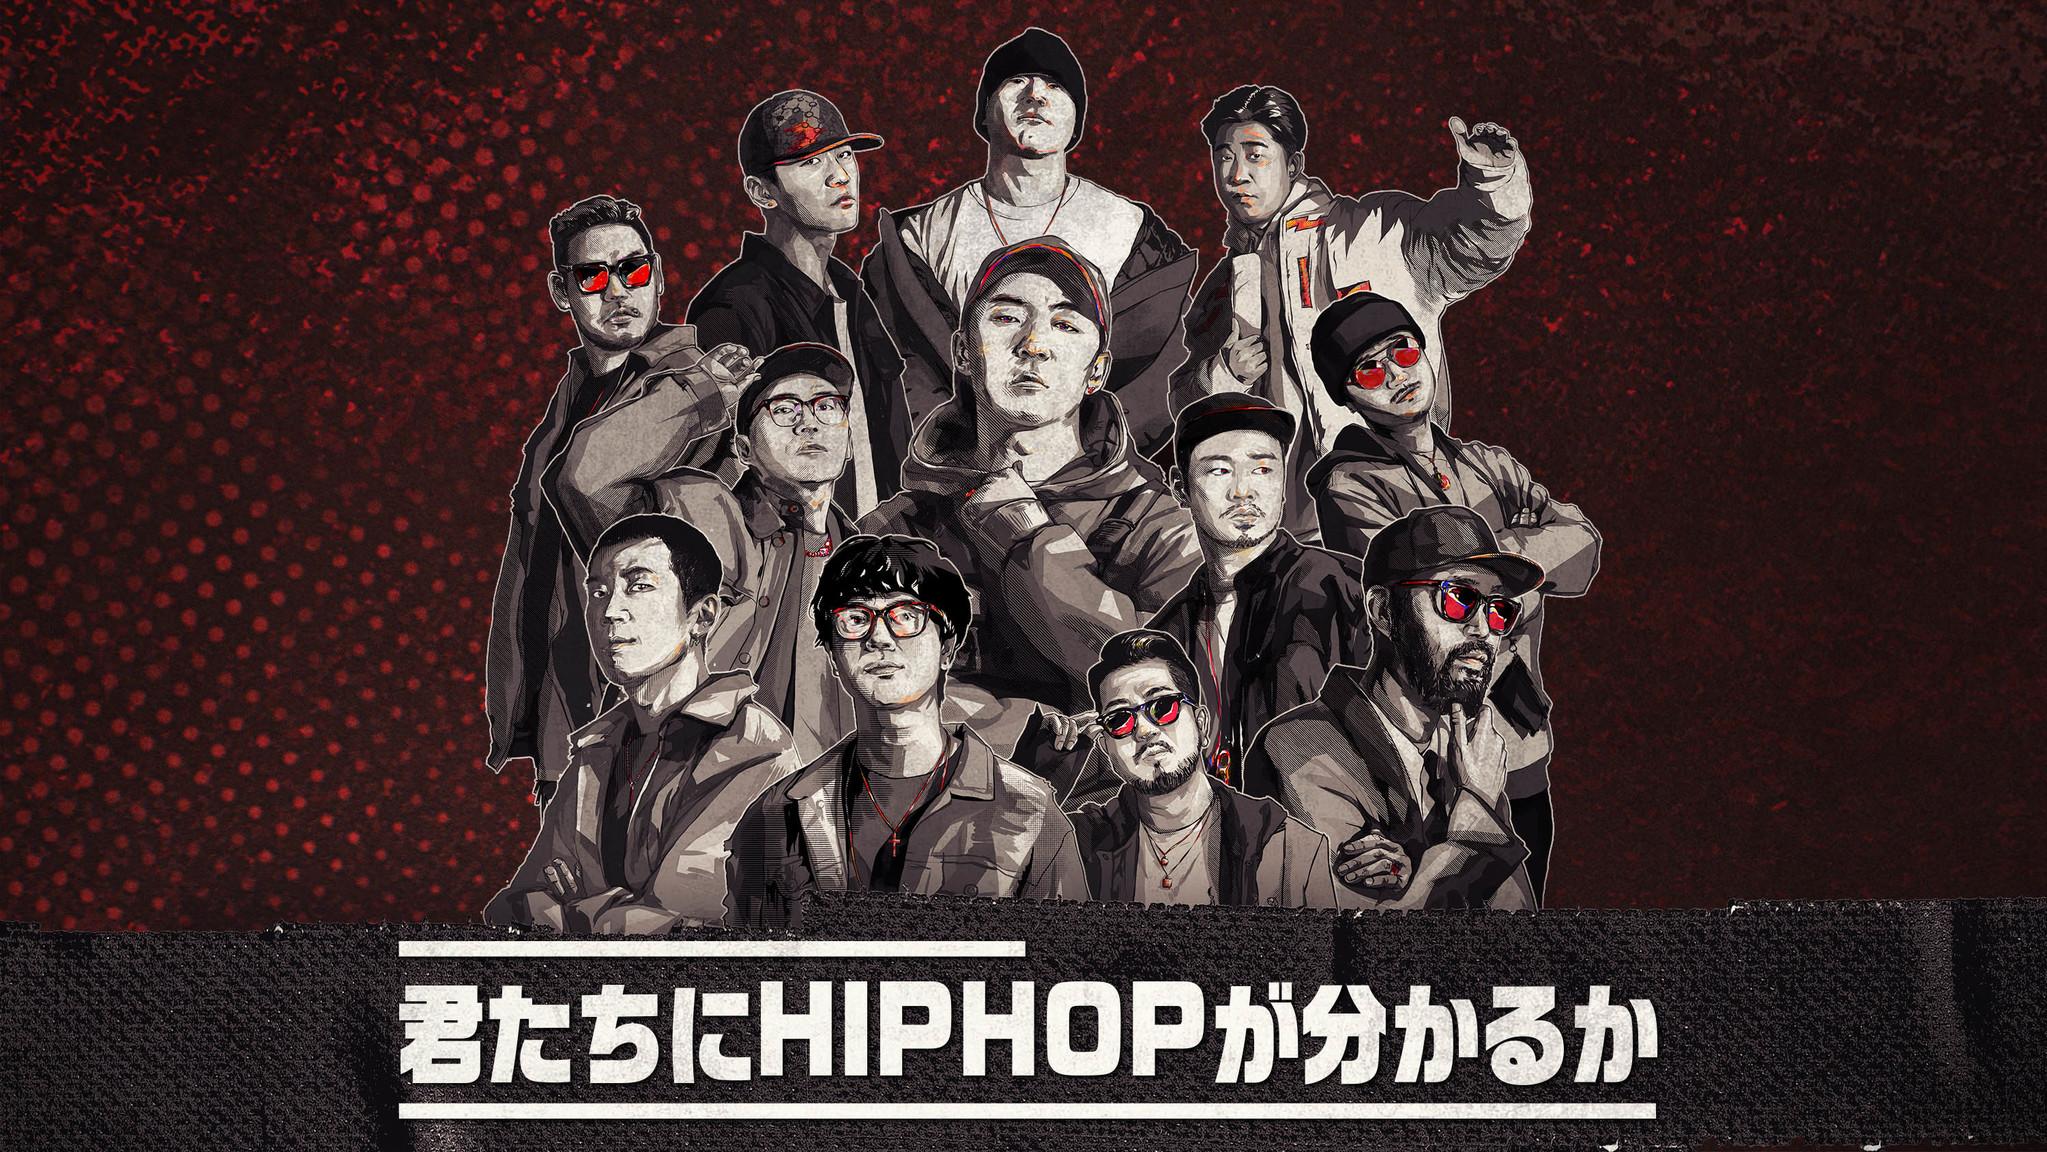 平均年齢41.3歳!おじさんラッパー is BACK!韓国HIPHOP界のOld Boysがやってくる!「 君たちにHIPHOPが分かるか 」 9月17日 日本初放送スタート!